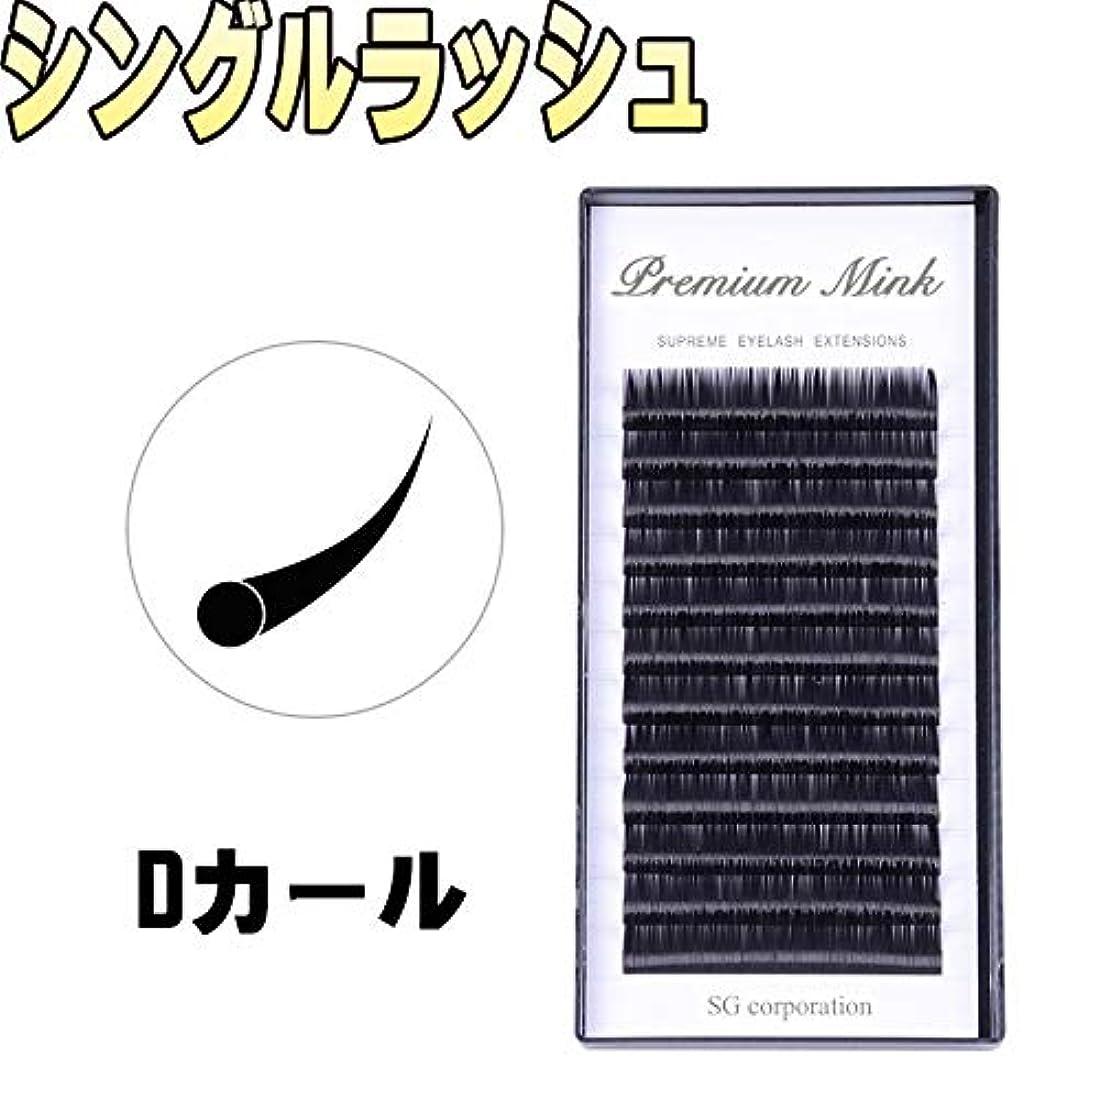 予報ペンフレンドかわいらしい【まつげエクステ Dカール プレミアムミンク】12列 Dカール マツエク まつ毛エクステ まつエク セルフ 付けまつ毛 キット セット 業務用 アイラッシュ まつ毛パーマ フラットマットラッシュ ではありません。 0.2mm,10mm